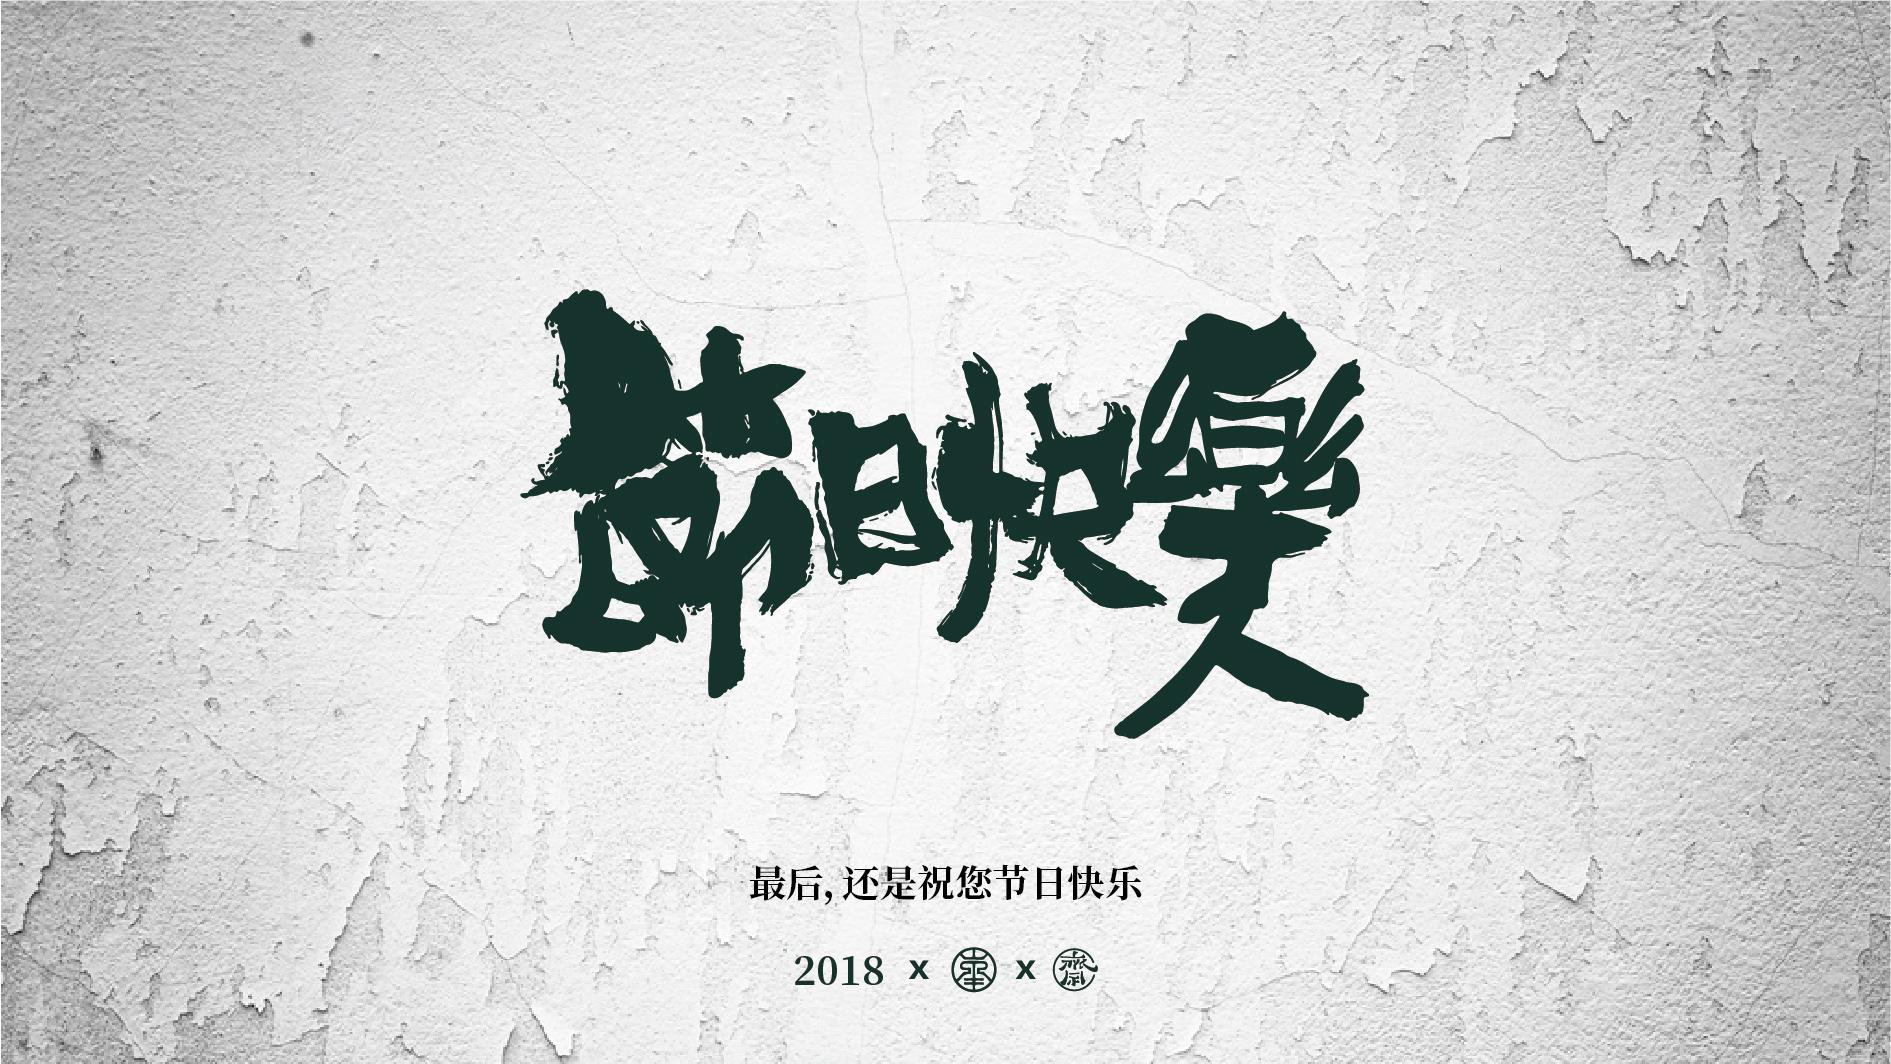 超超大神手写毛笔字第1波 之教师节系列插图(1)